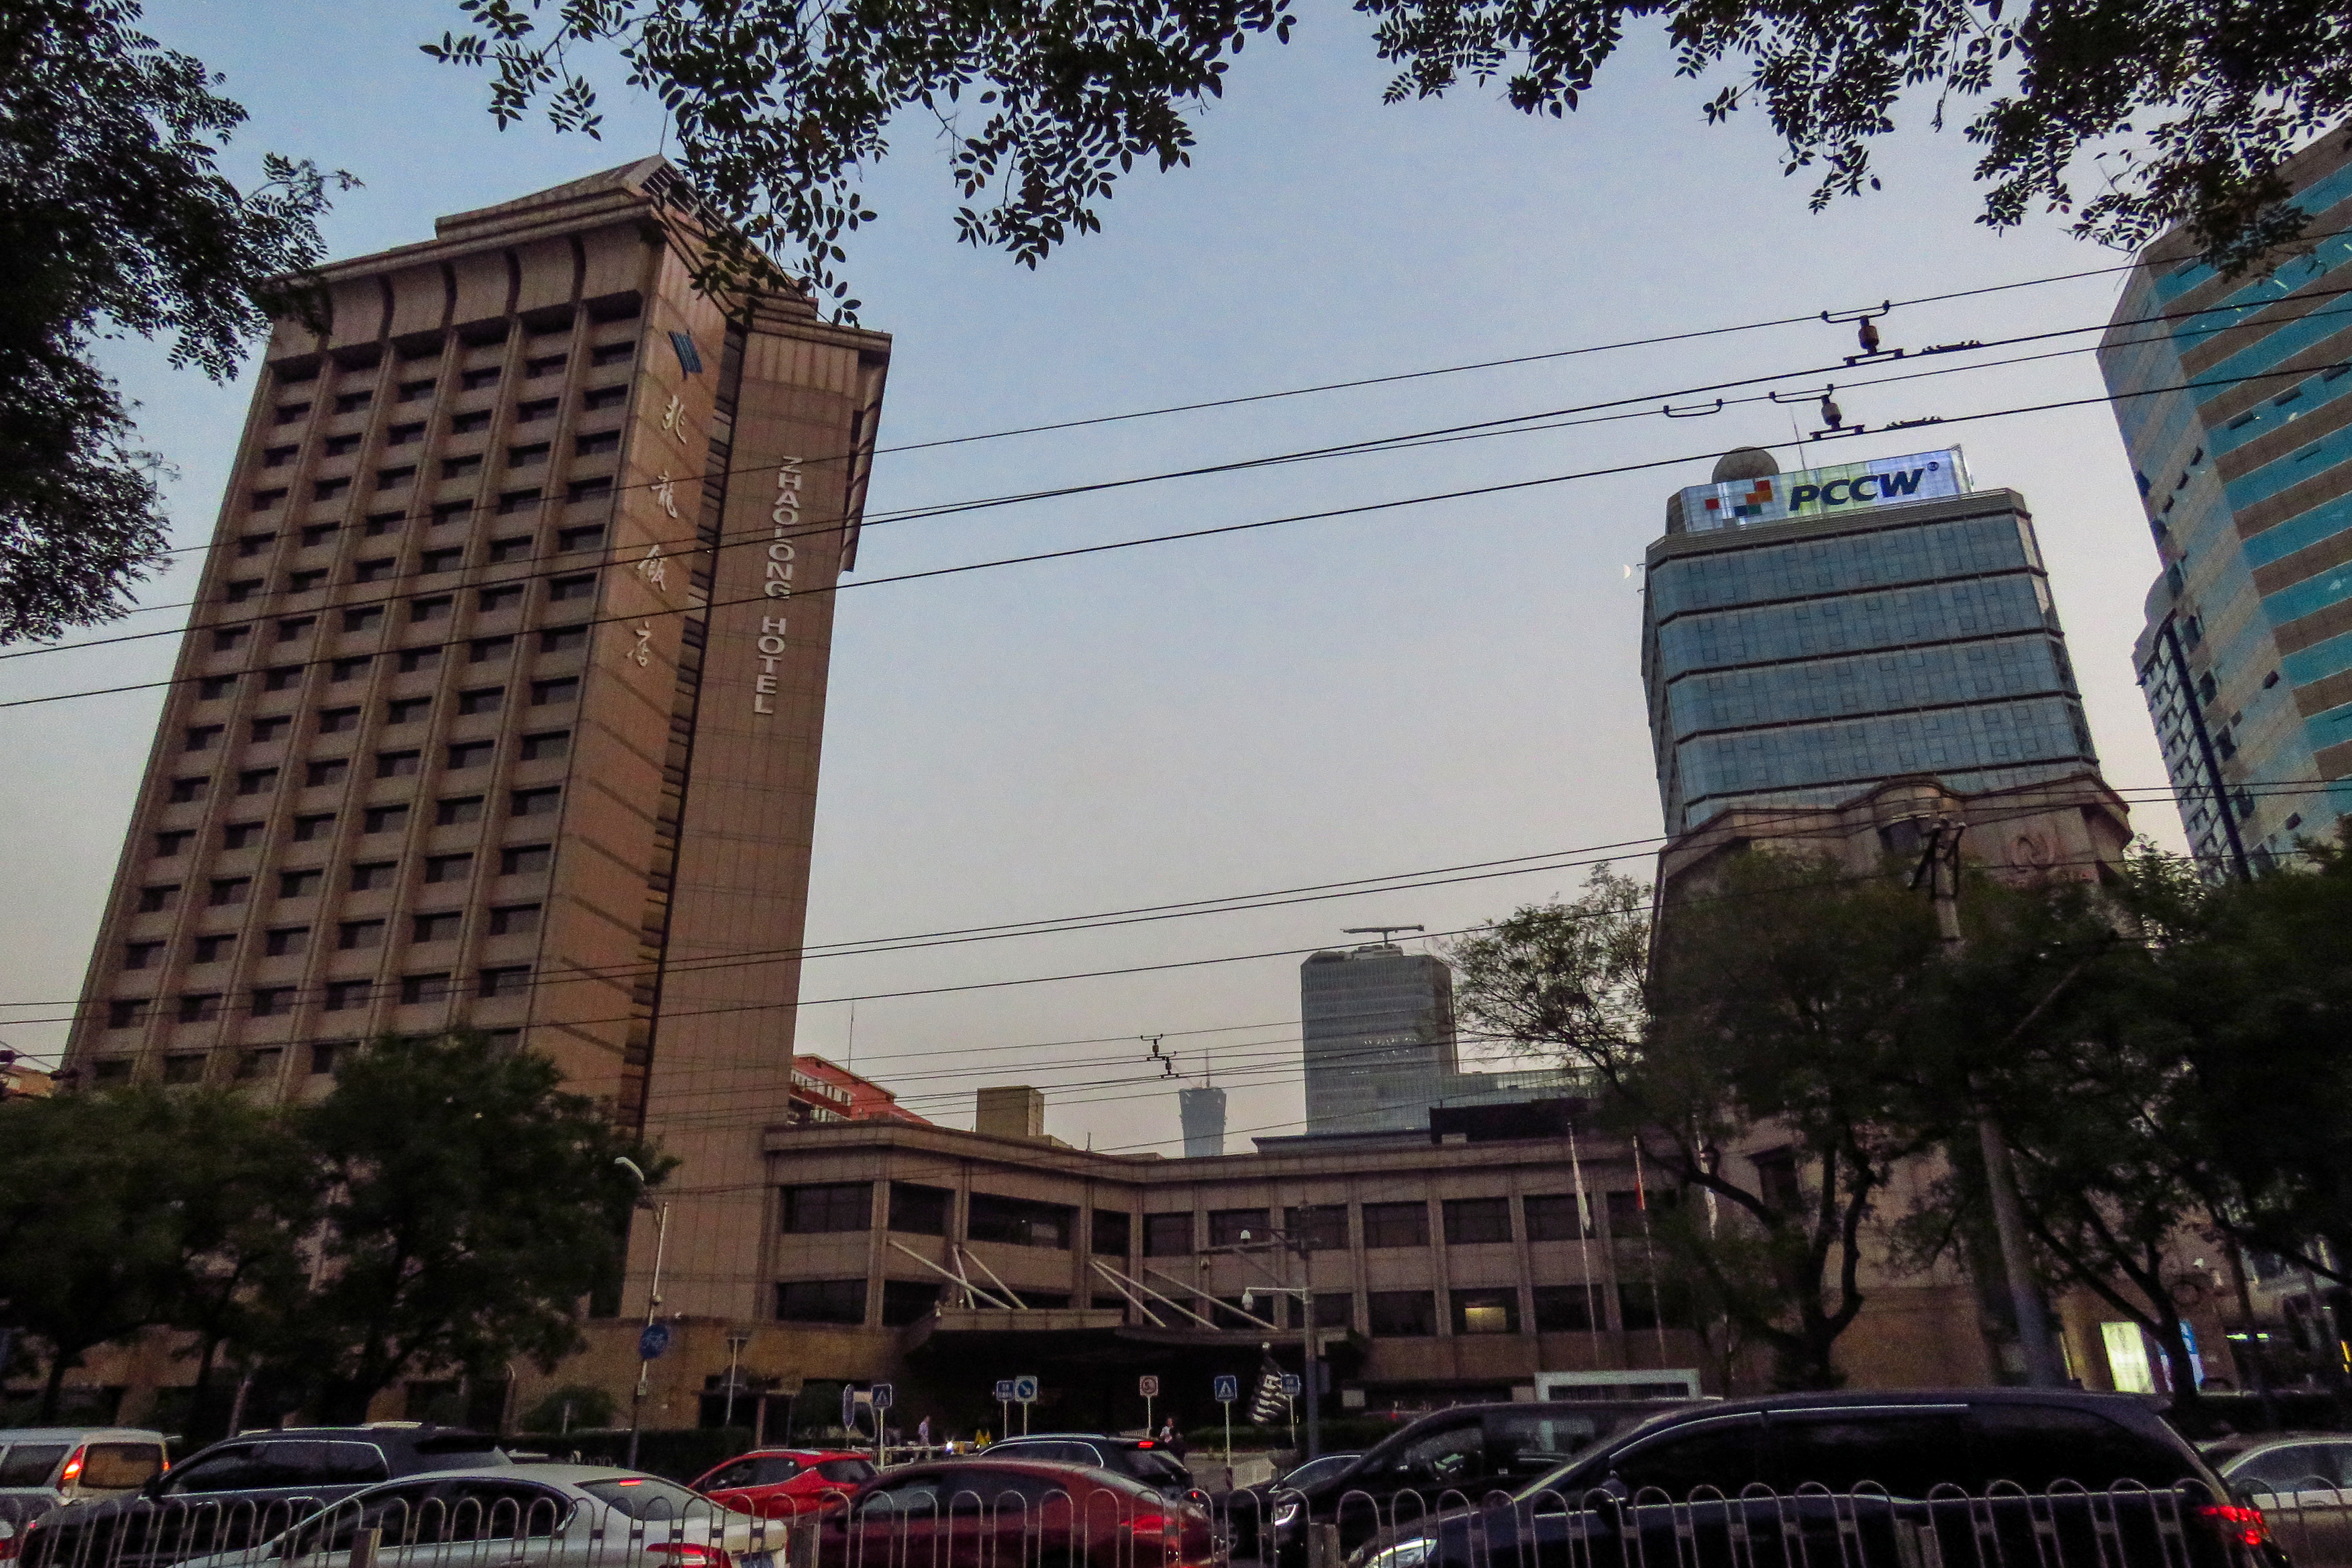 龍 飯店 大 酒店靠近 龙冈清真寺,